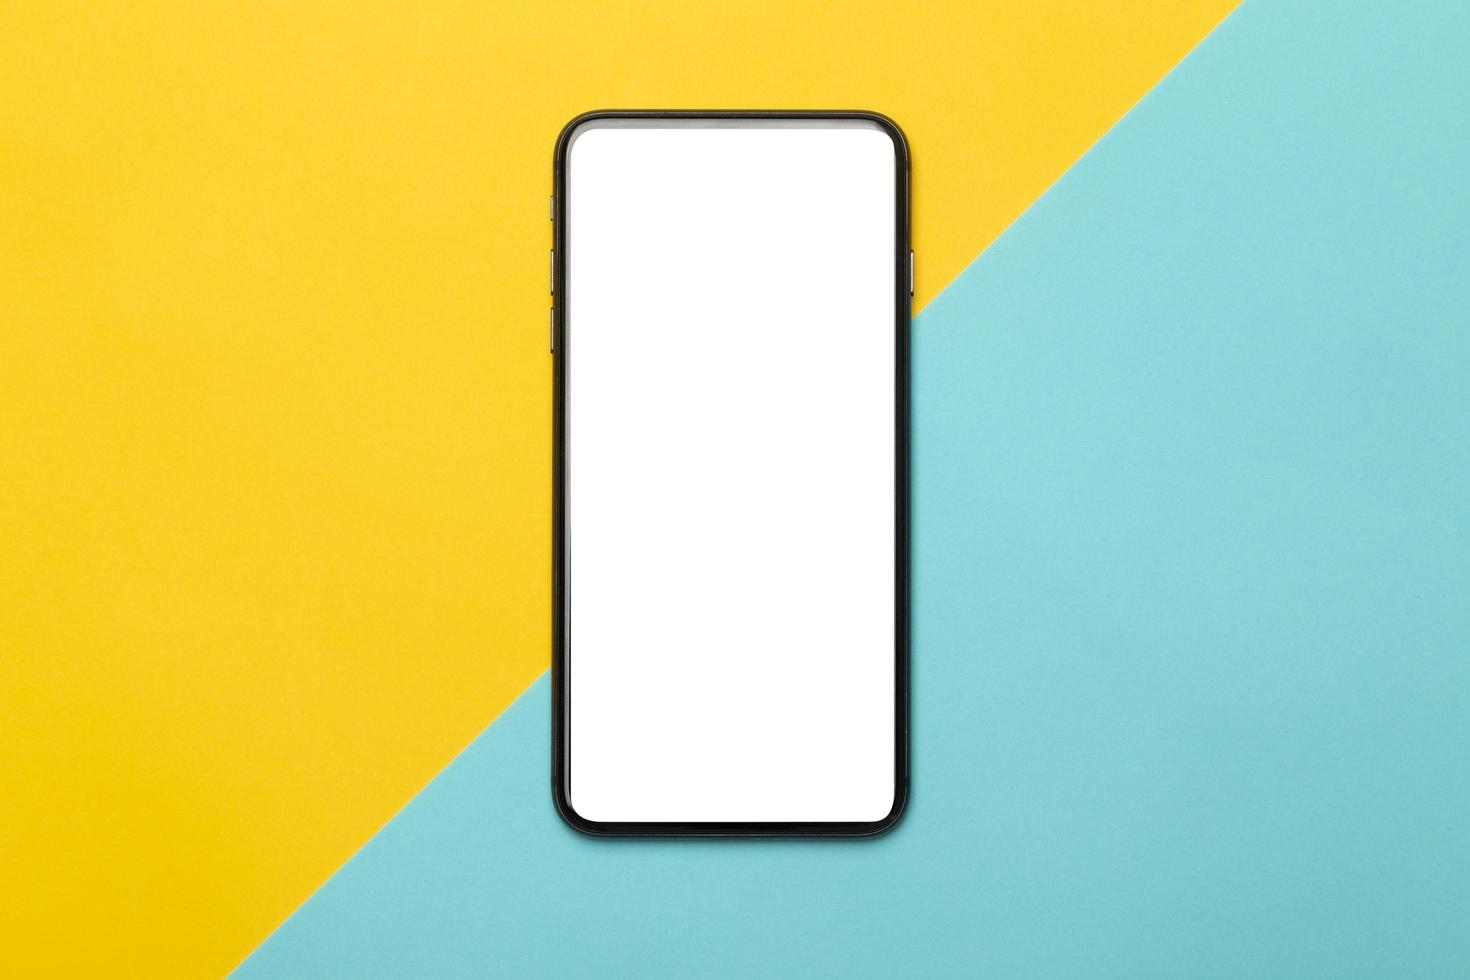 Smartphone auf gelbem und blauem Hintergrund foto